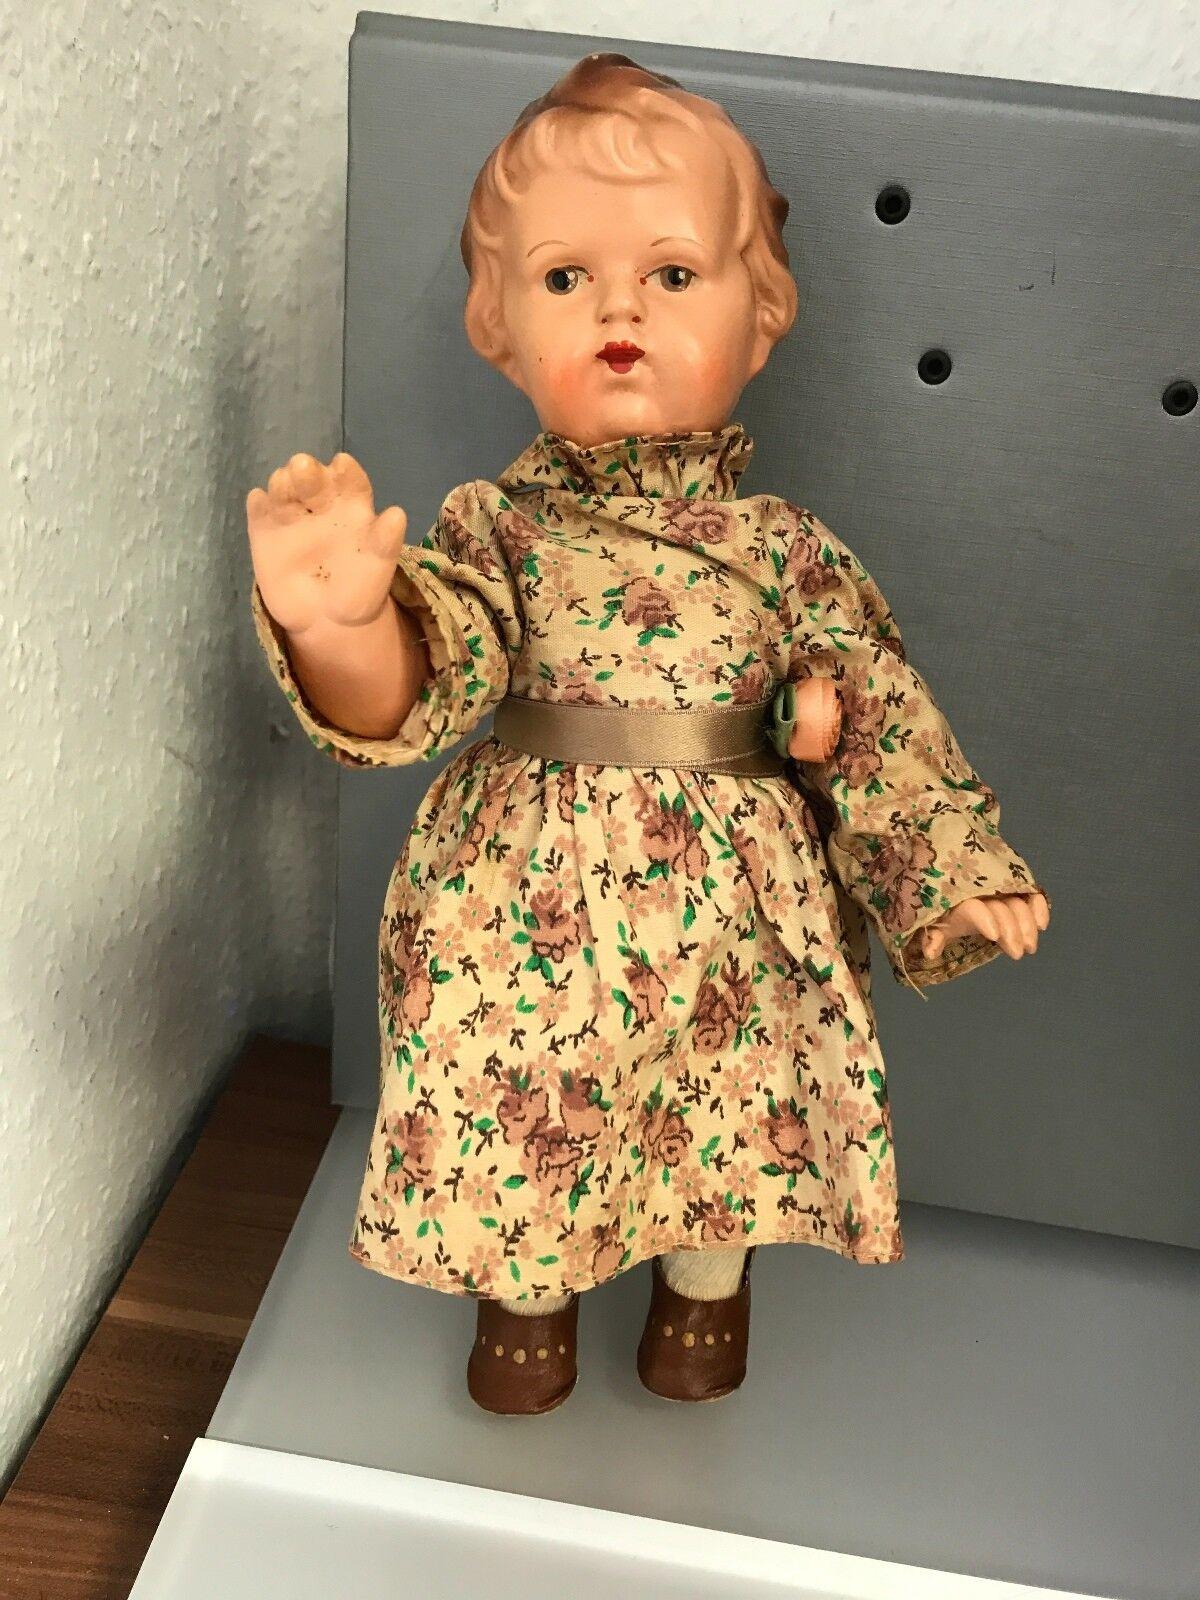 Antico Bambola 29 Cm. Buone Condizioni Vedi Foto